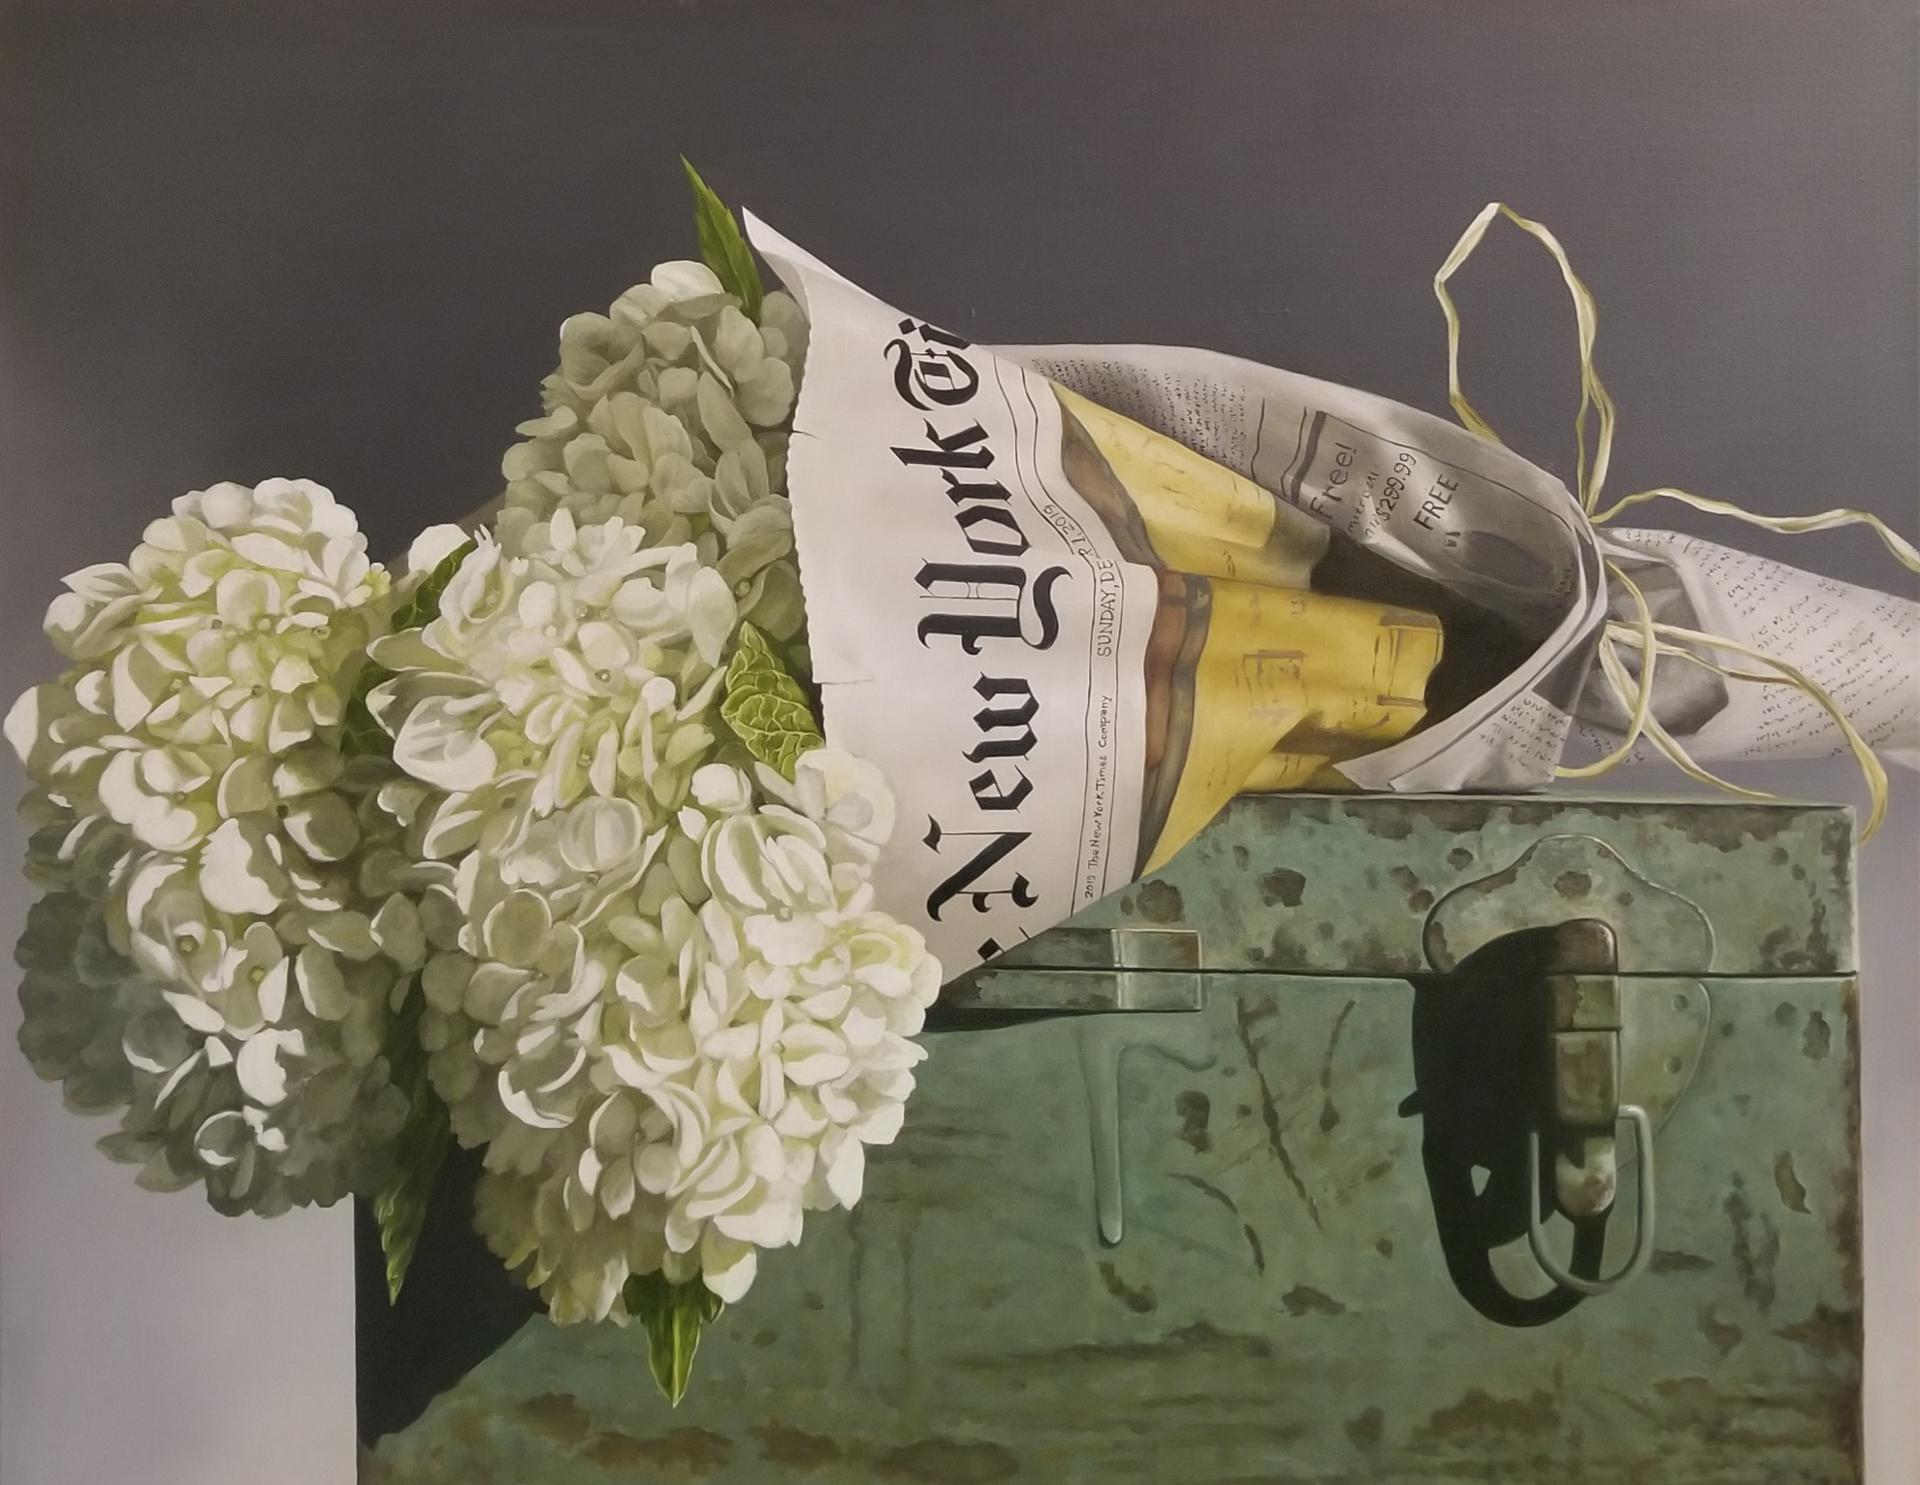 White Hydrangea in NY Times by Loren DiBenedetto, OPA